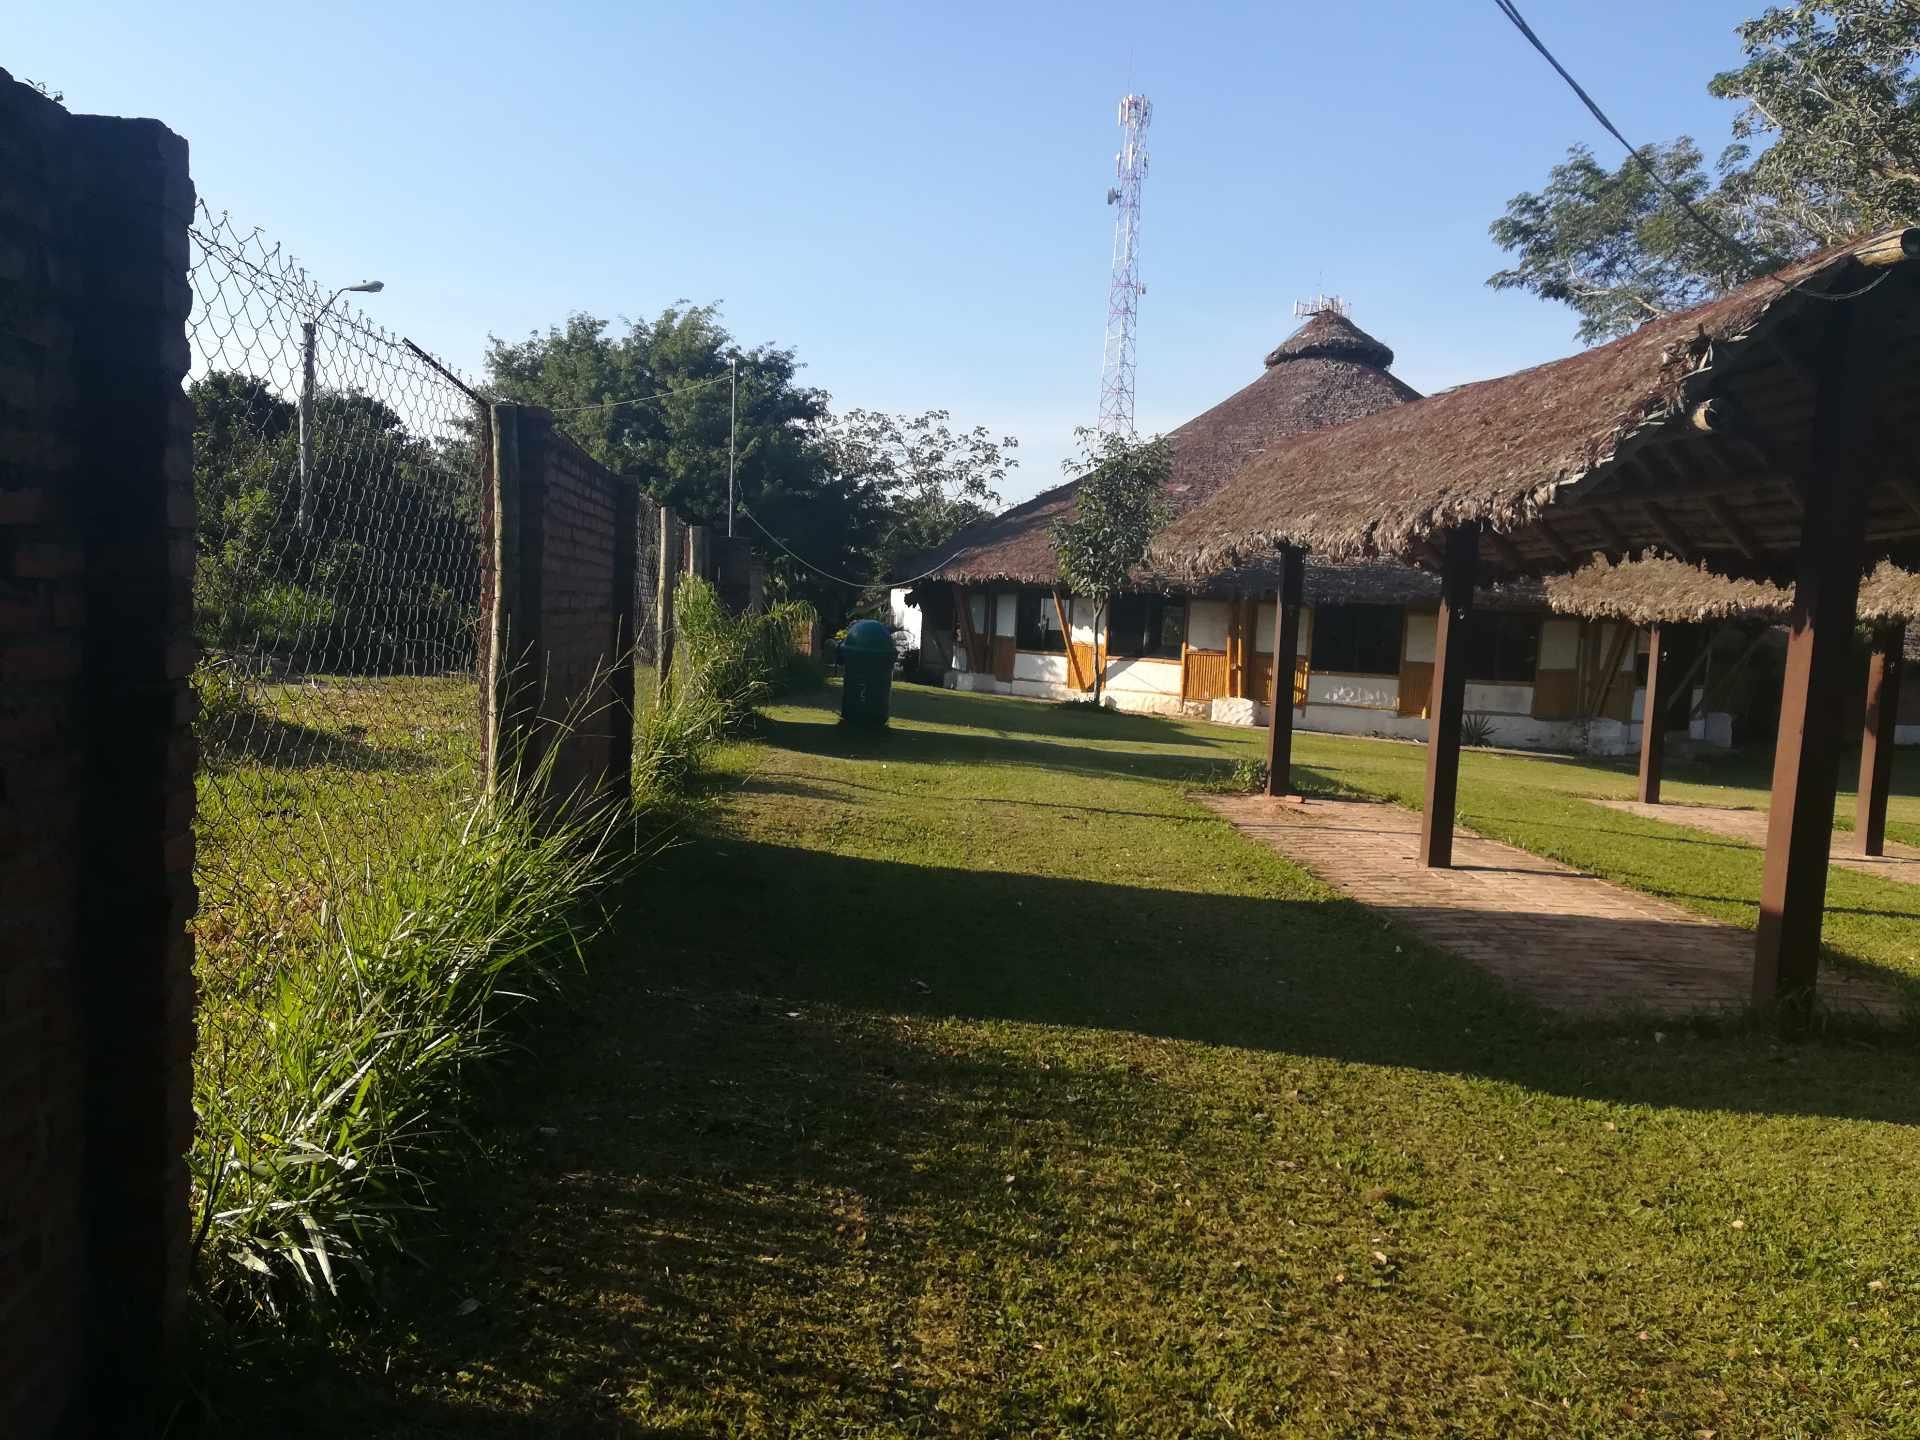 Casa en Venta URUBO.KM 2 A PORONGO - LOS BATOS Foto 8